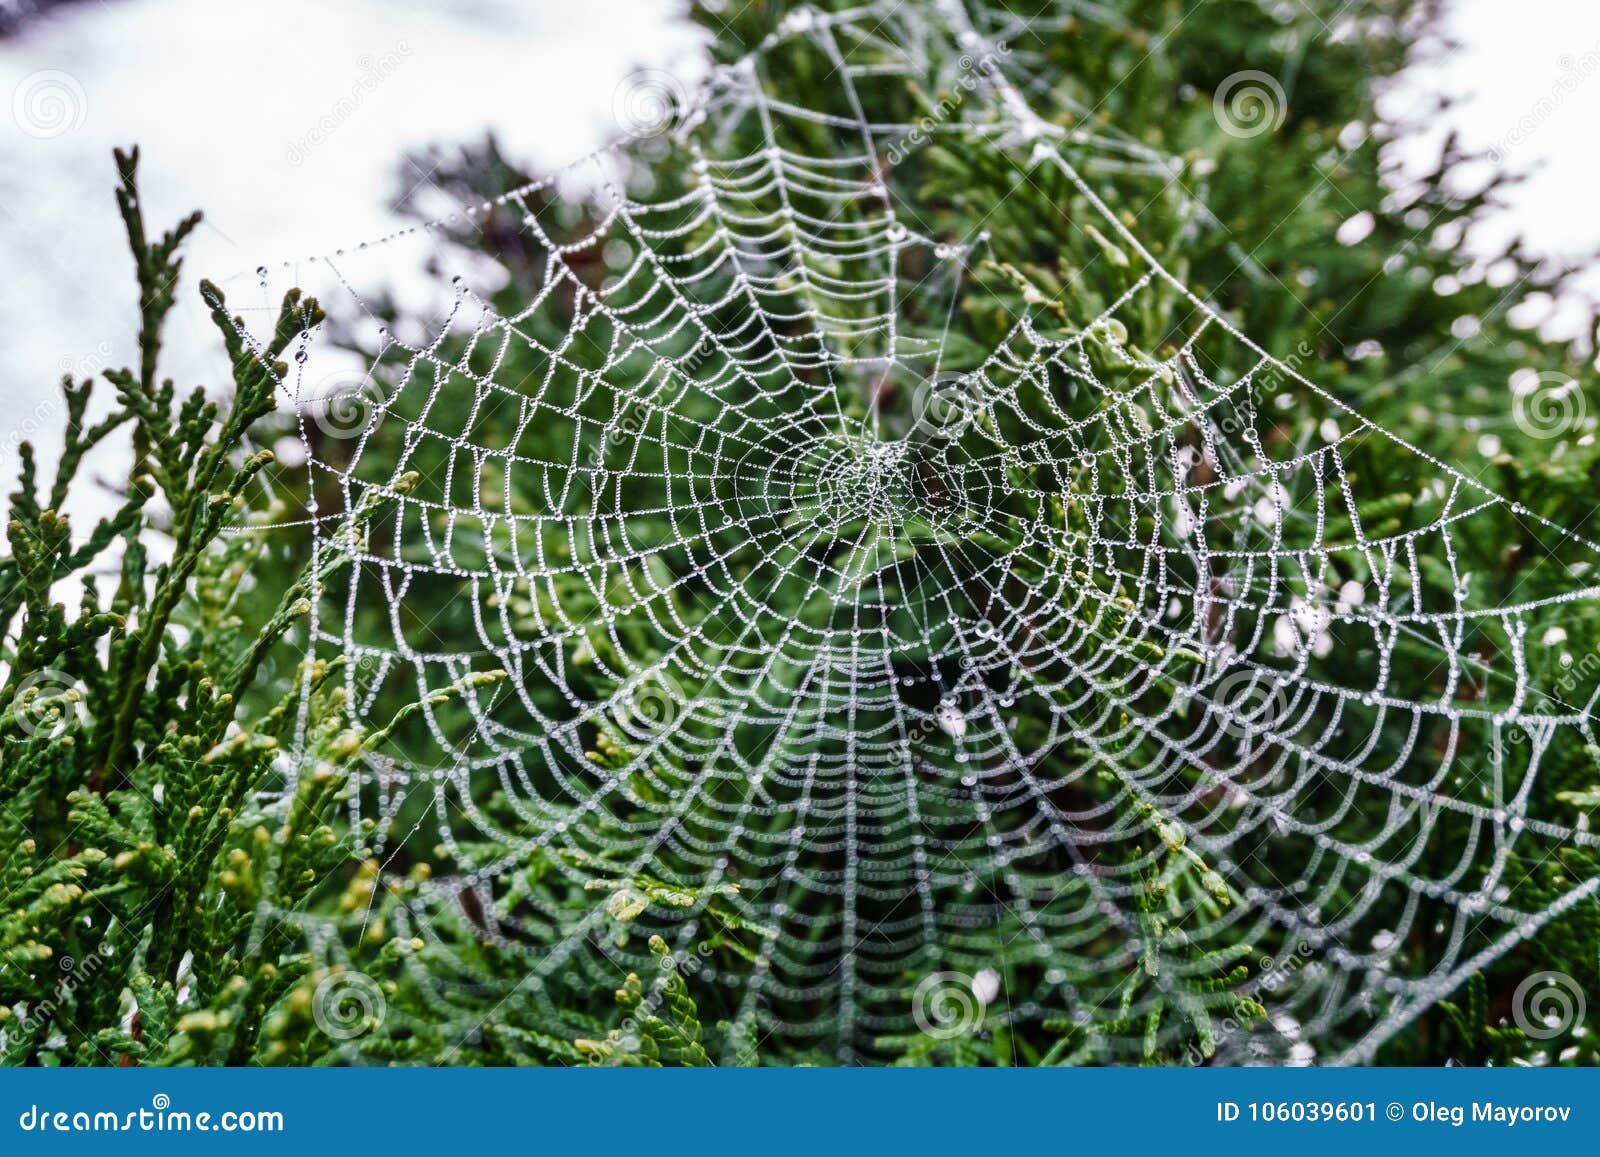 Spiderweb bonito coberto em gotas cintilando do orvalho na árvore verde no fundo